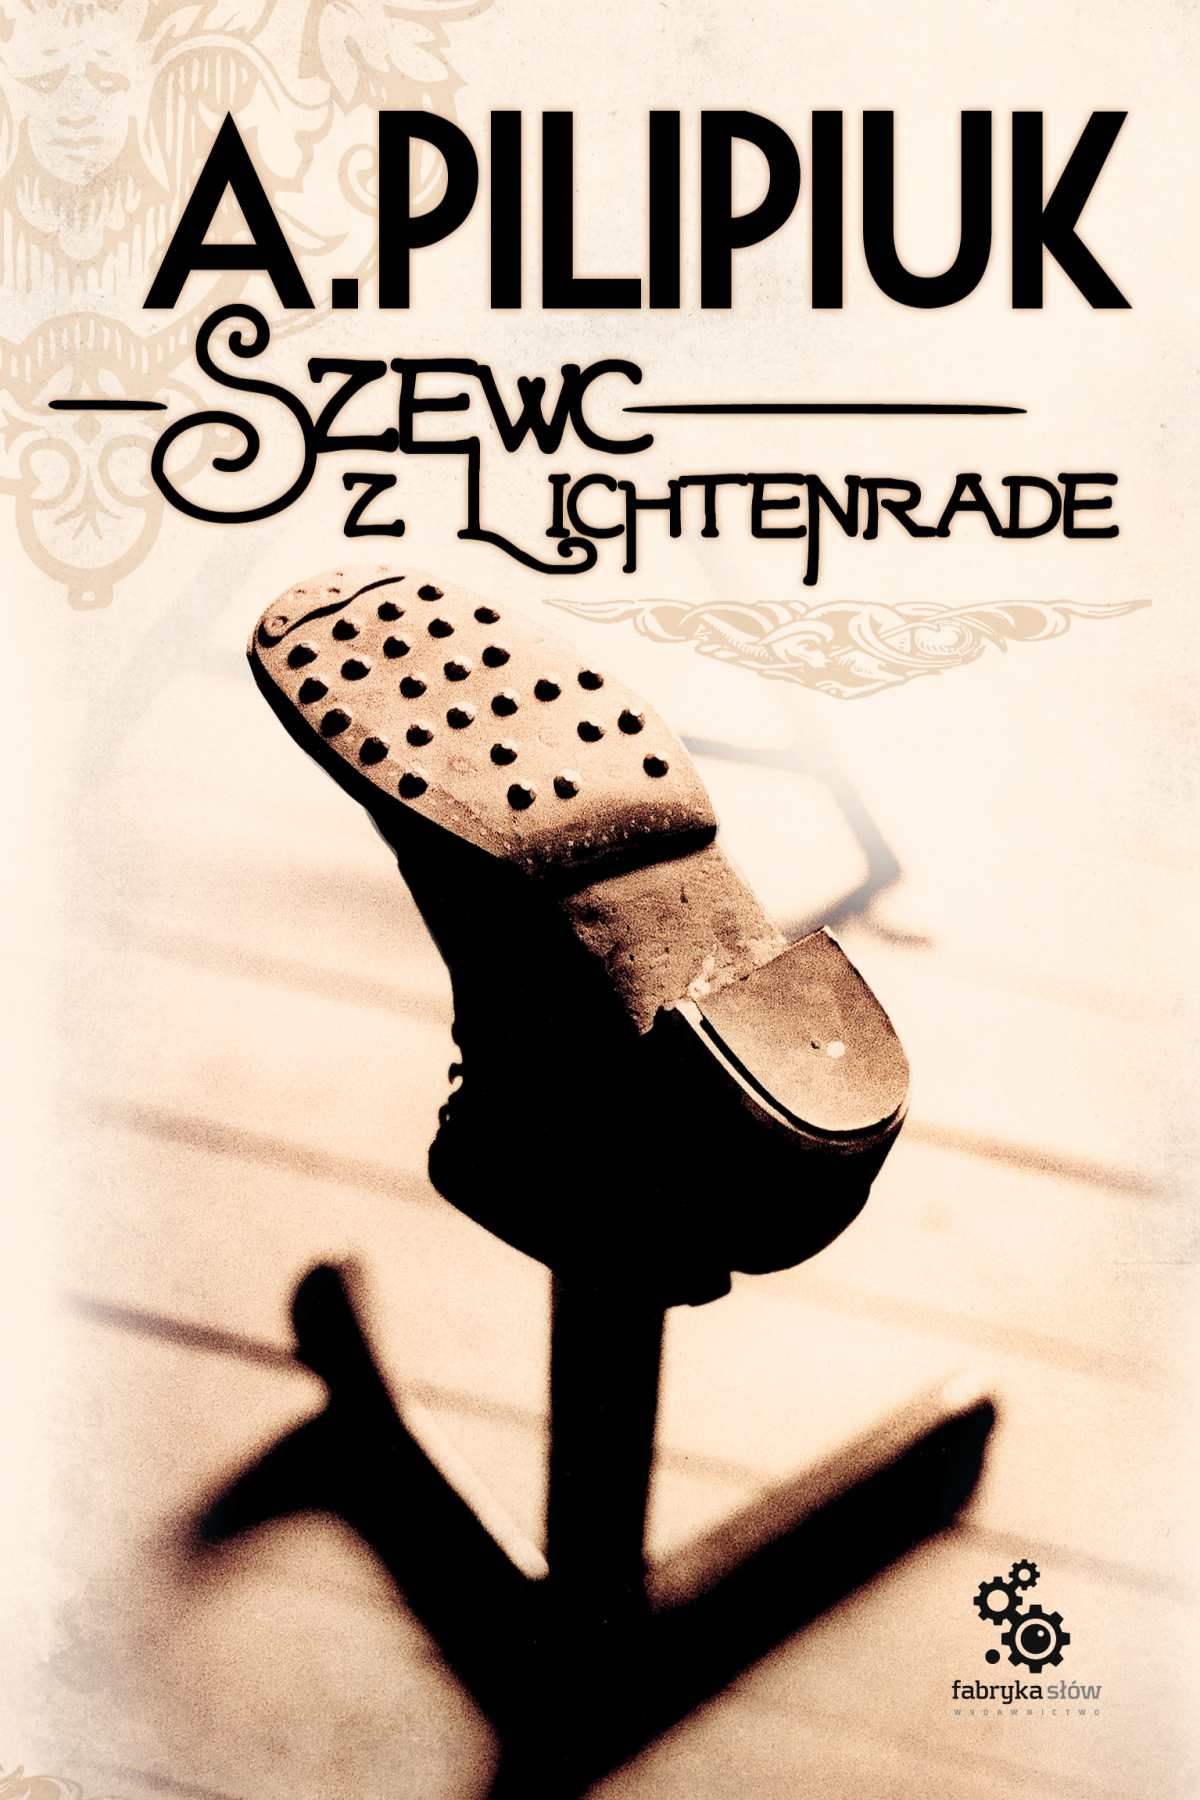 Szewc z Lichtenrade - Ebook (Książka EPUB) do pobrania w formacie EPUB